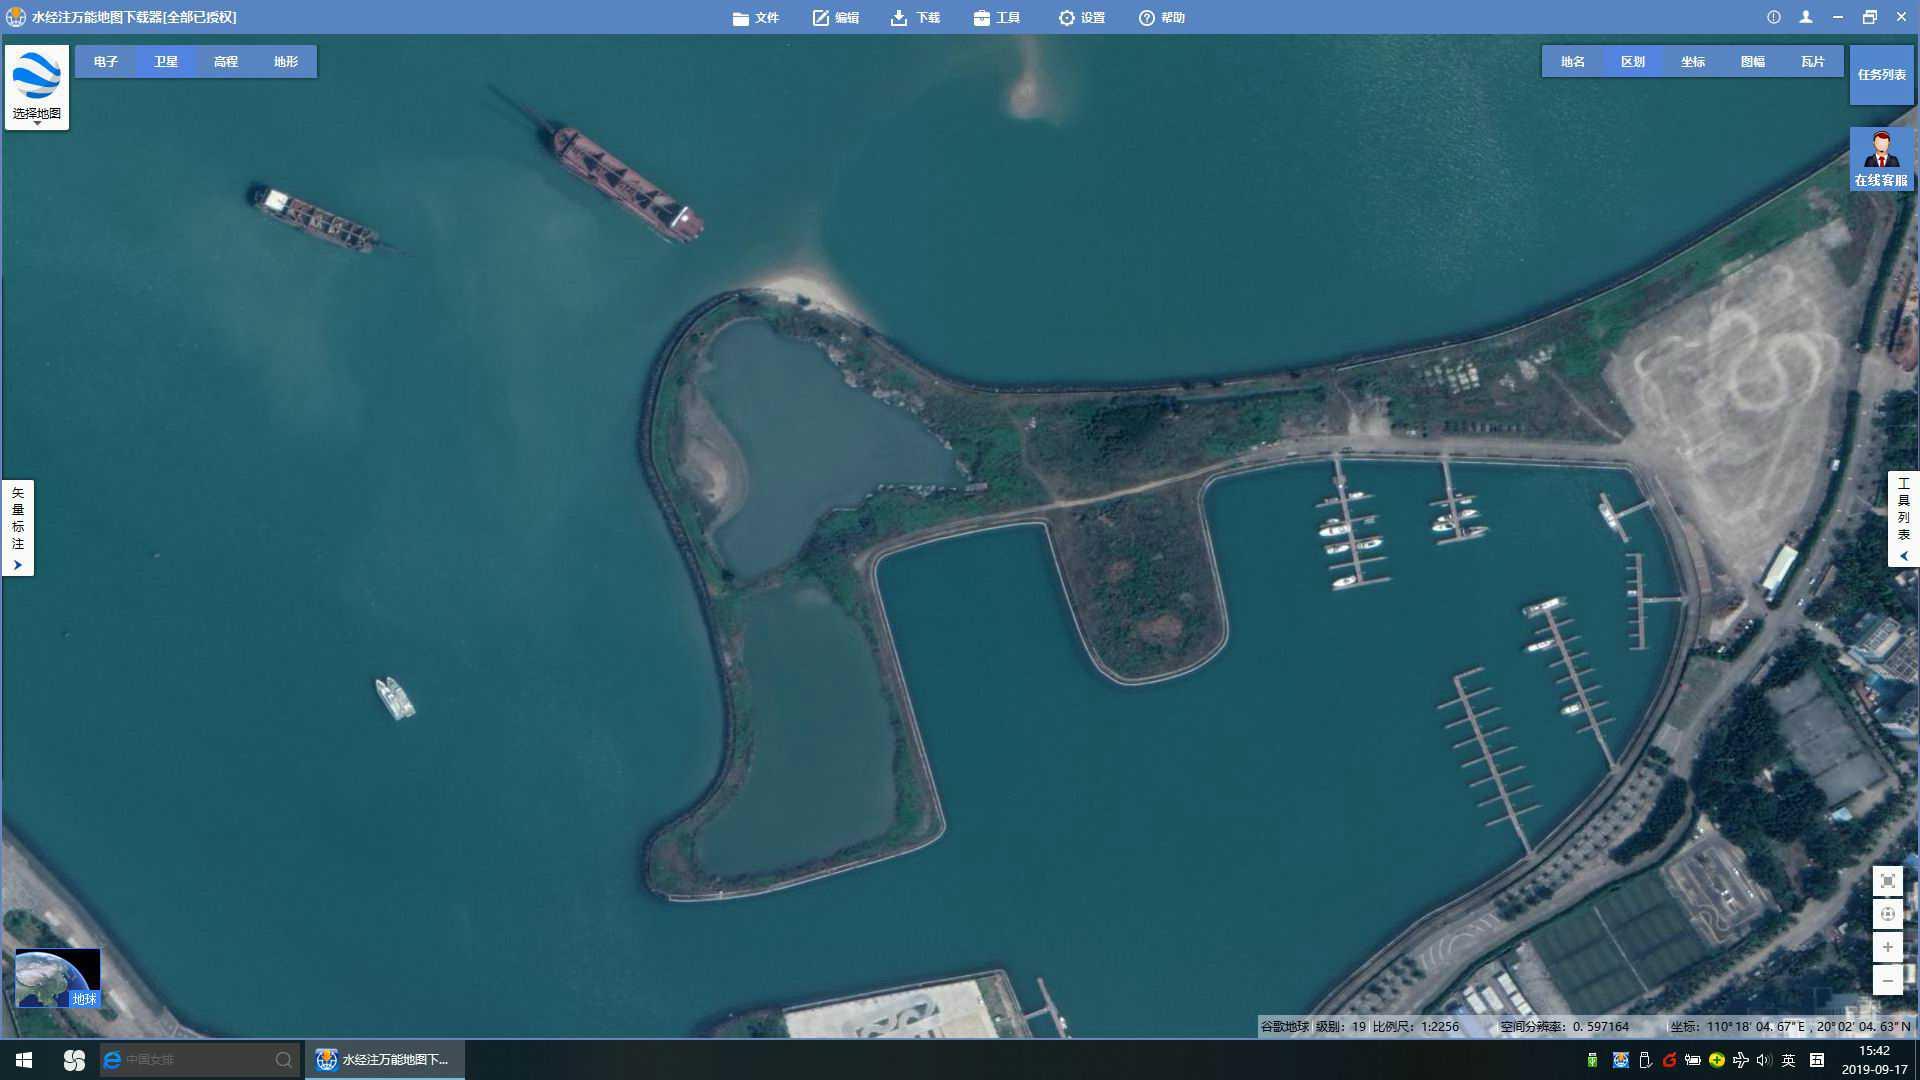 21离线高清谷歌卫星地图影像.jpg